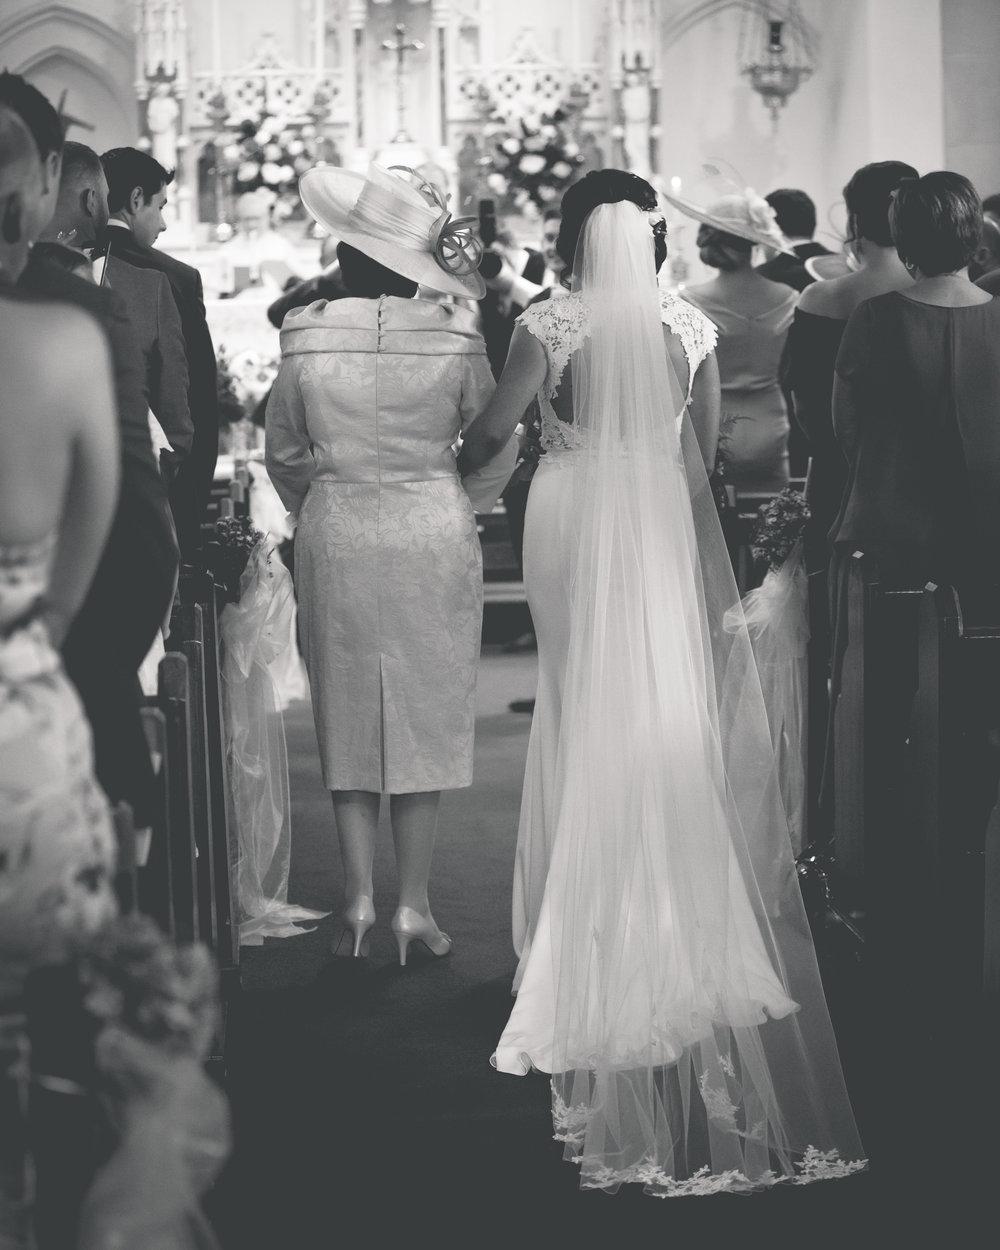 Brian McEwan Wedding Photography | Carol-Anne & Sean | The Ceremony-21.jpg